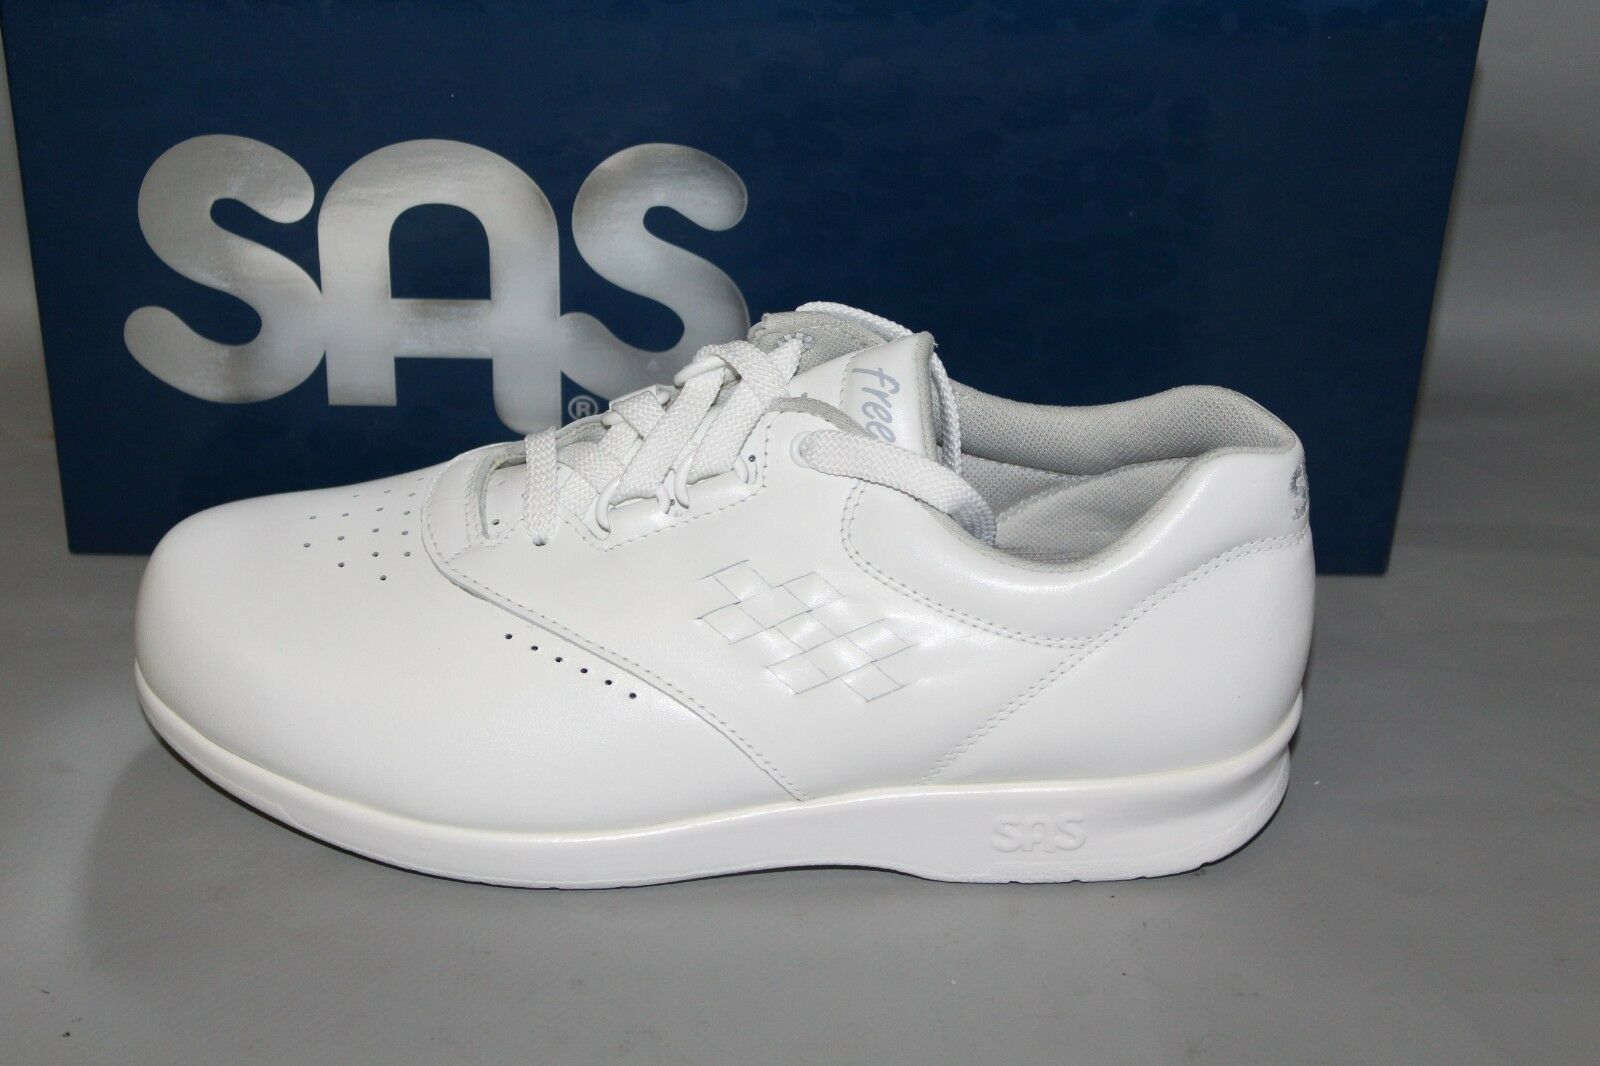 liquidazione fino al 70% NEW Donna  SAS SAS SAS Freetime bianca Leather Support   Comfort Shoe, Made in USA  grande vendita